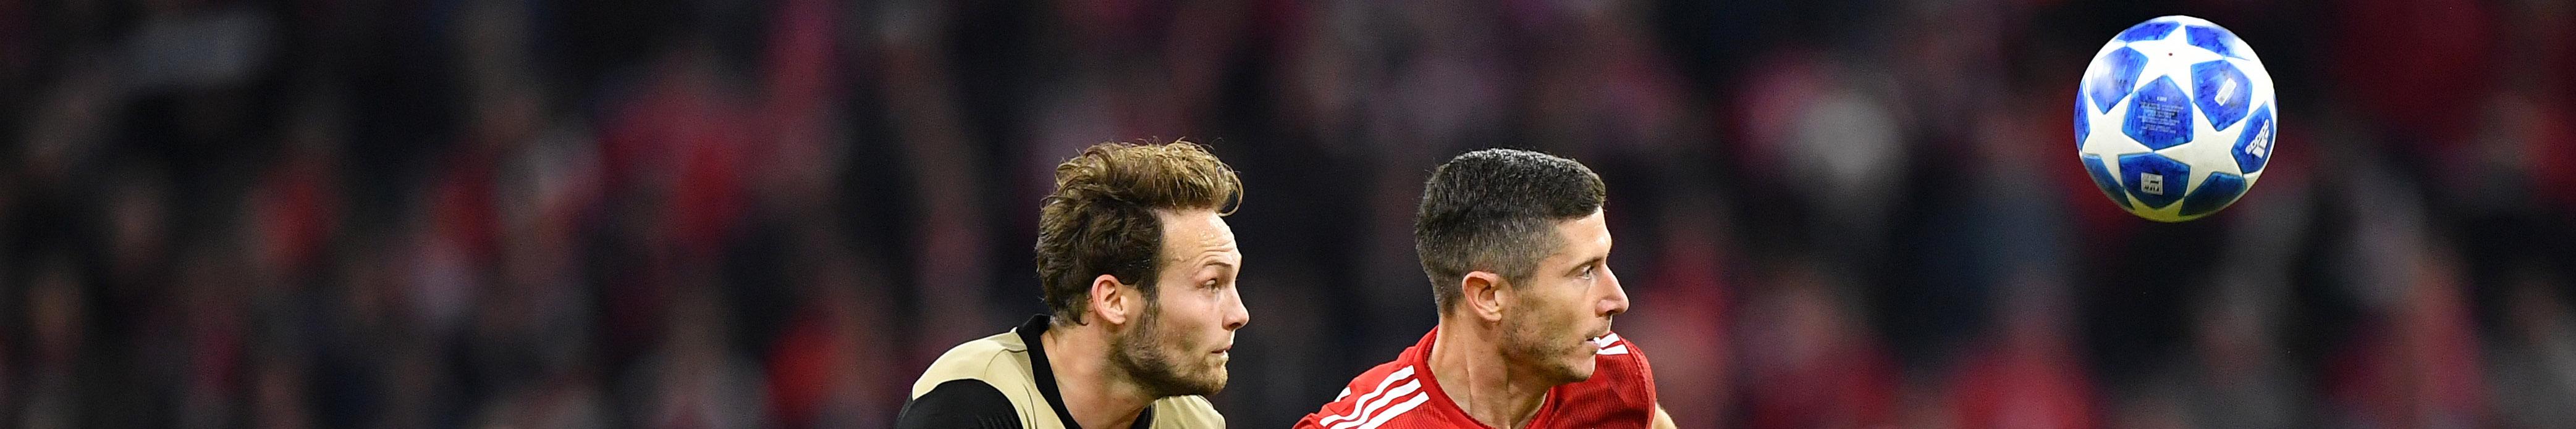 Ajax Amsterdam - Bayern München: Endspiel um den Gruppensieg